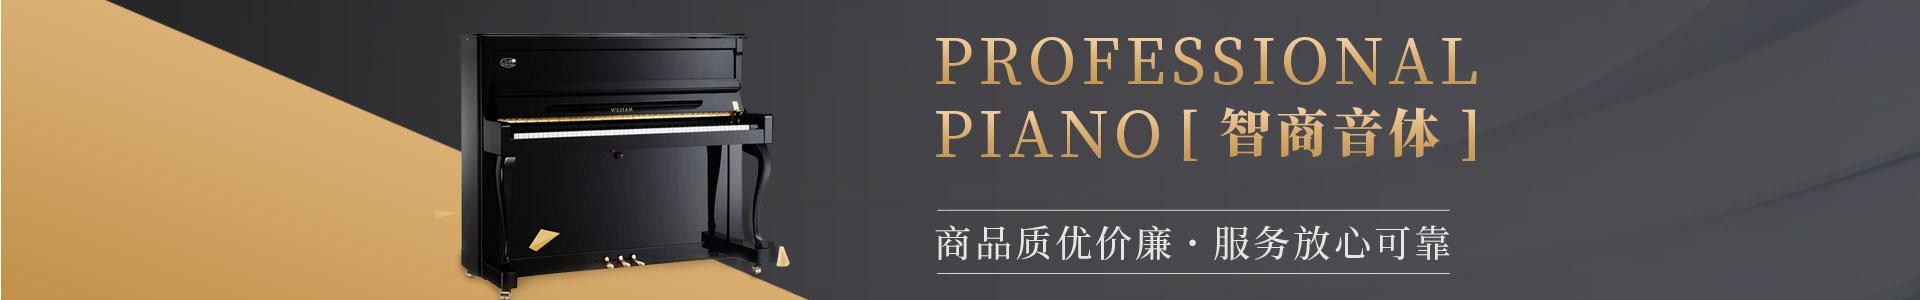 重庆卡瓦伊钢琴